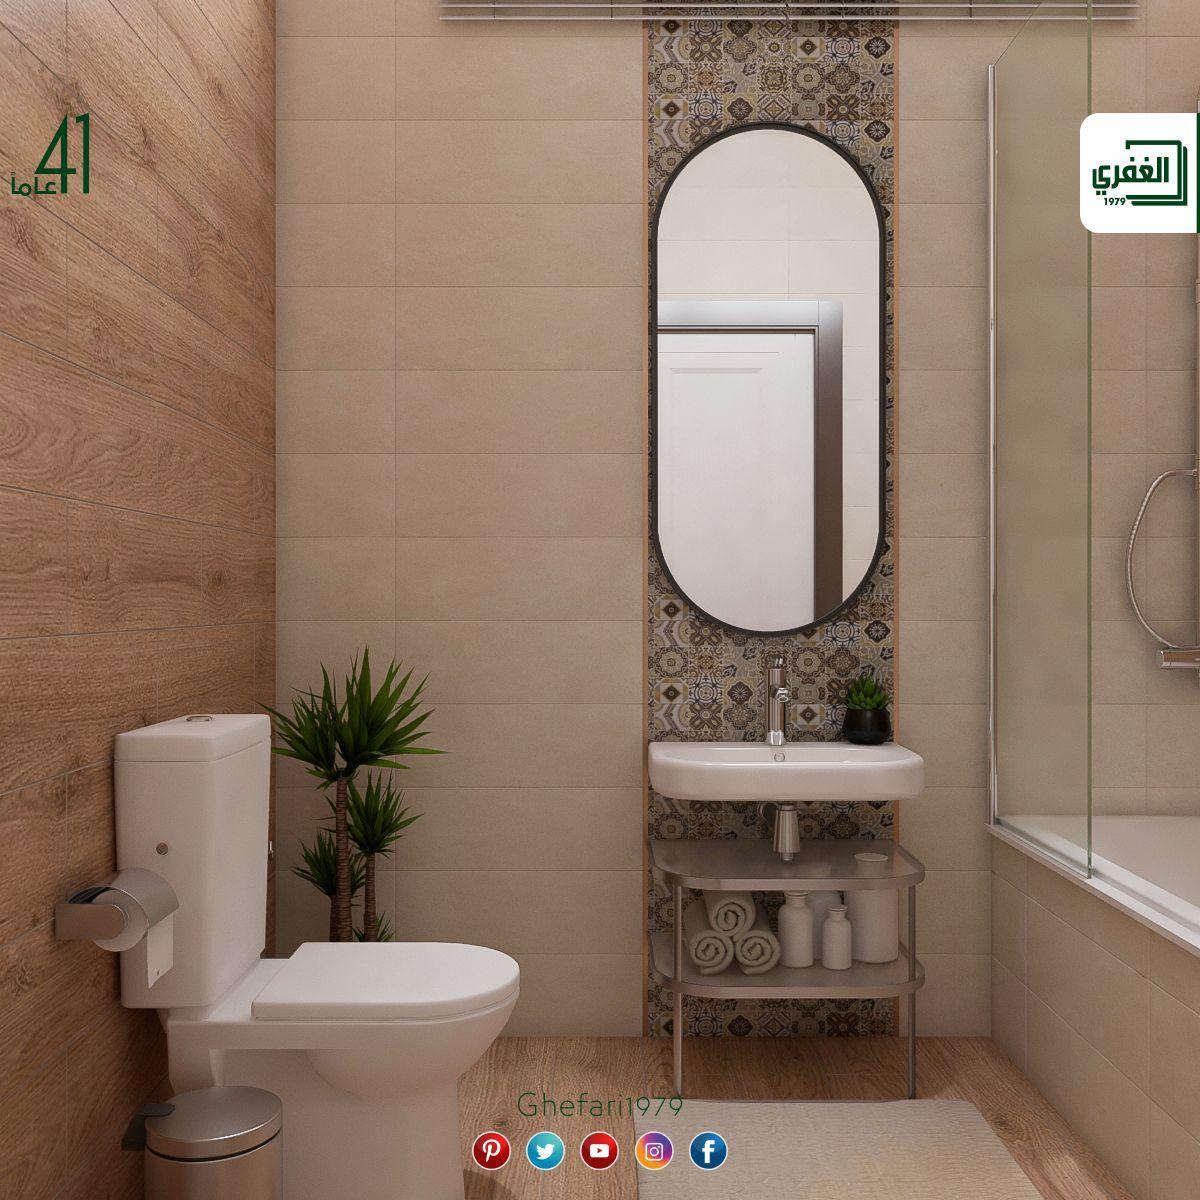 بلاط أسباني ديكور للاستخدام داخل الحمامات والمطابخ للمزيد زورونا على موقع الشركة Https Www Ghefari Com Ar Decor 20x60 واتس اب 009 In 2020 Decor Toilet Bathroom